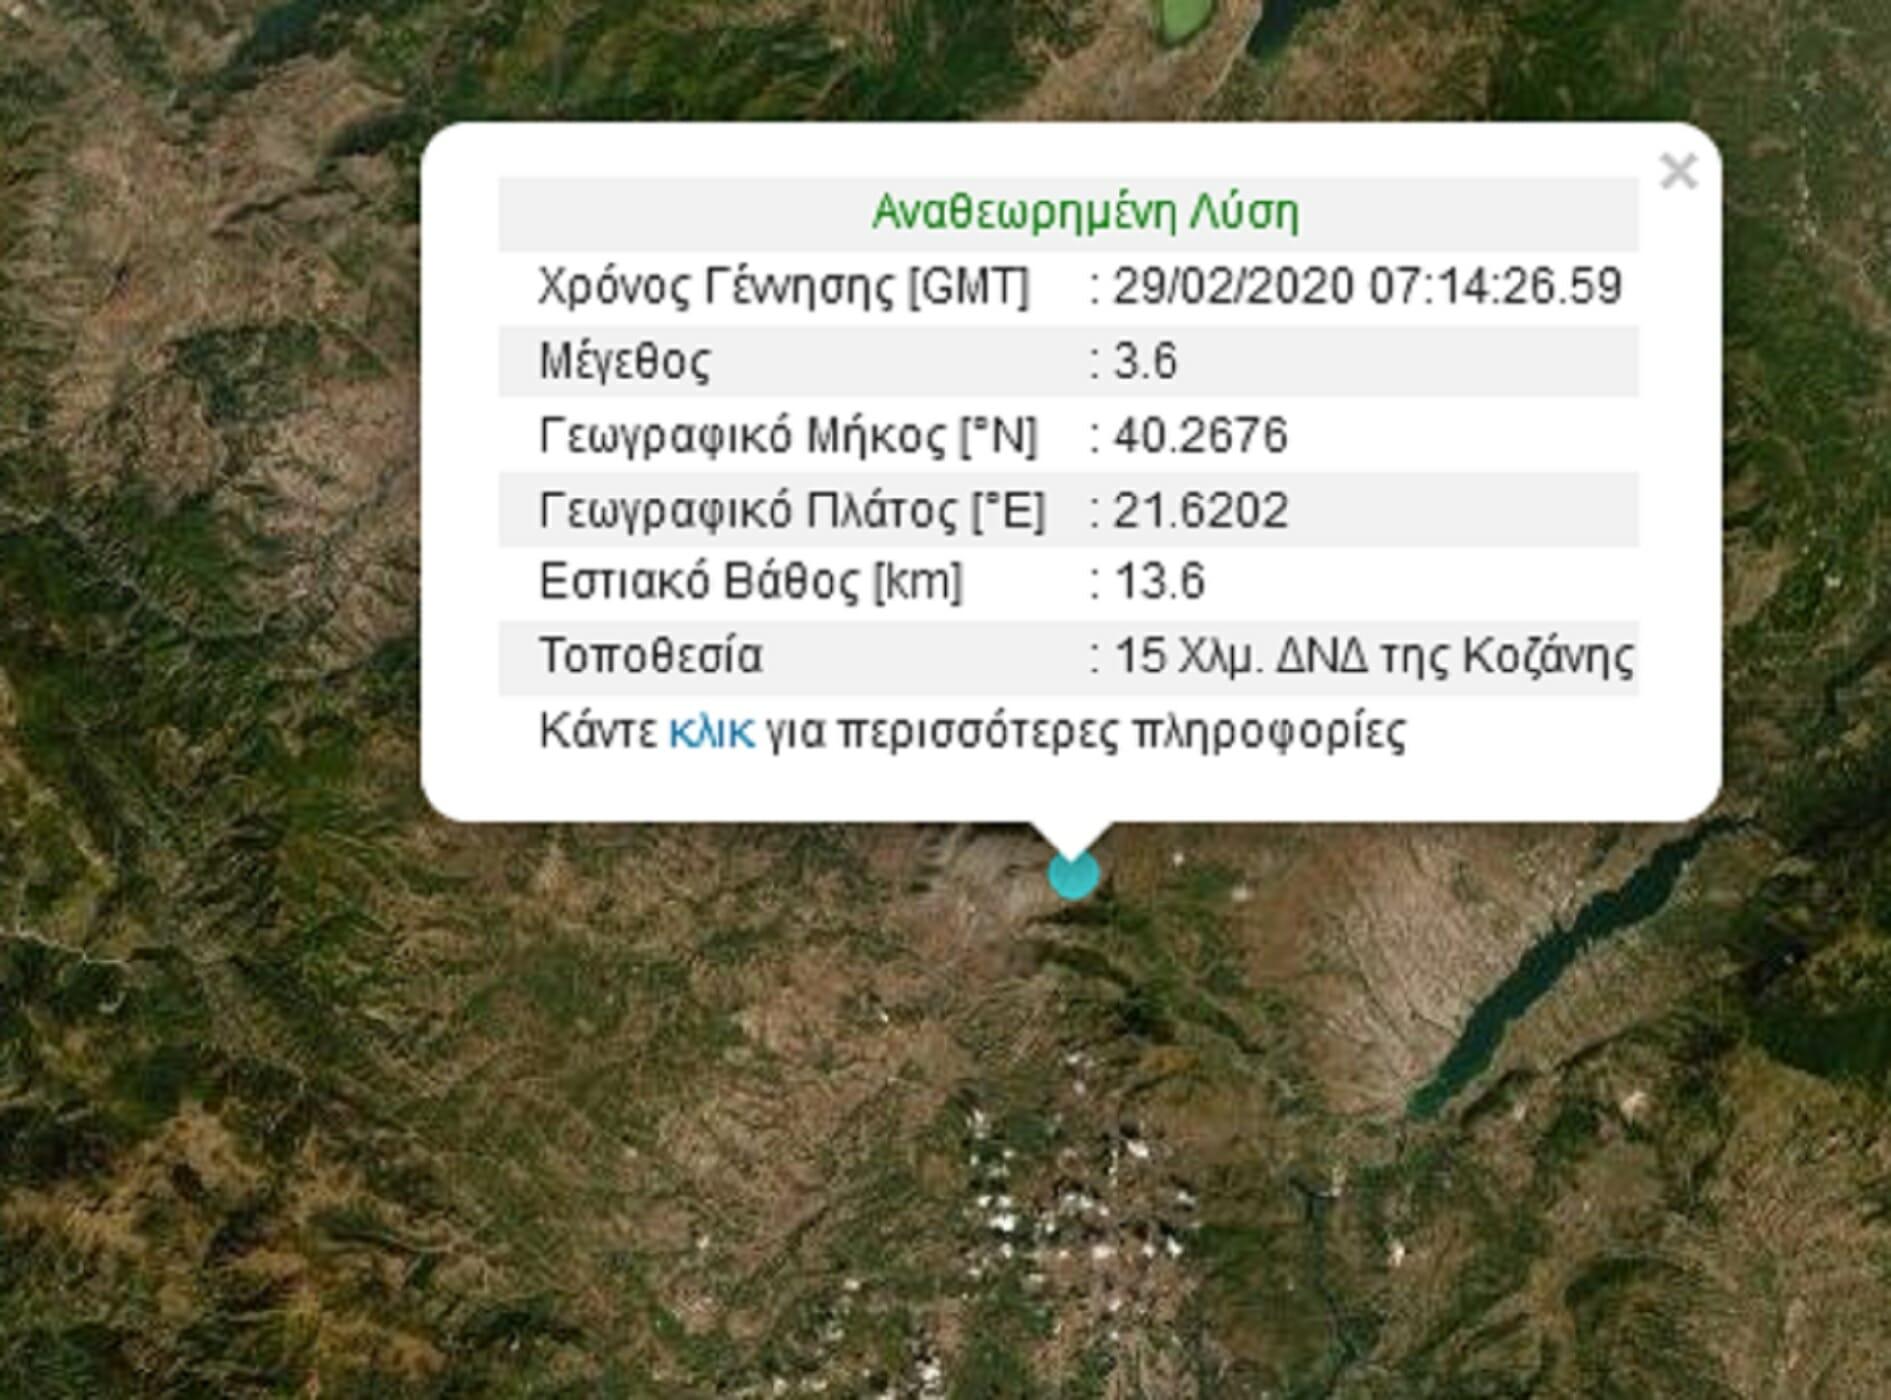 Σεισμός 3,6 Ρίχτερ στην Κοζάνη